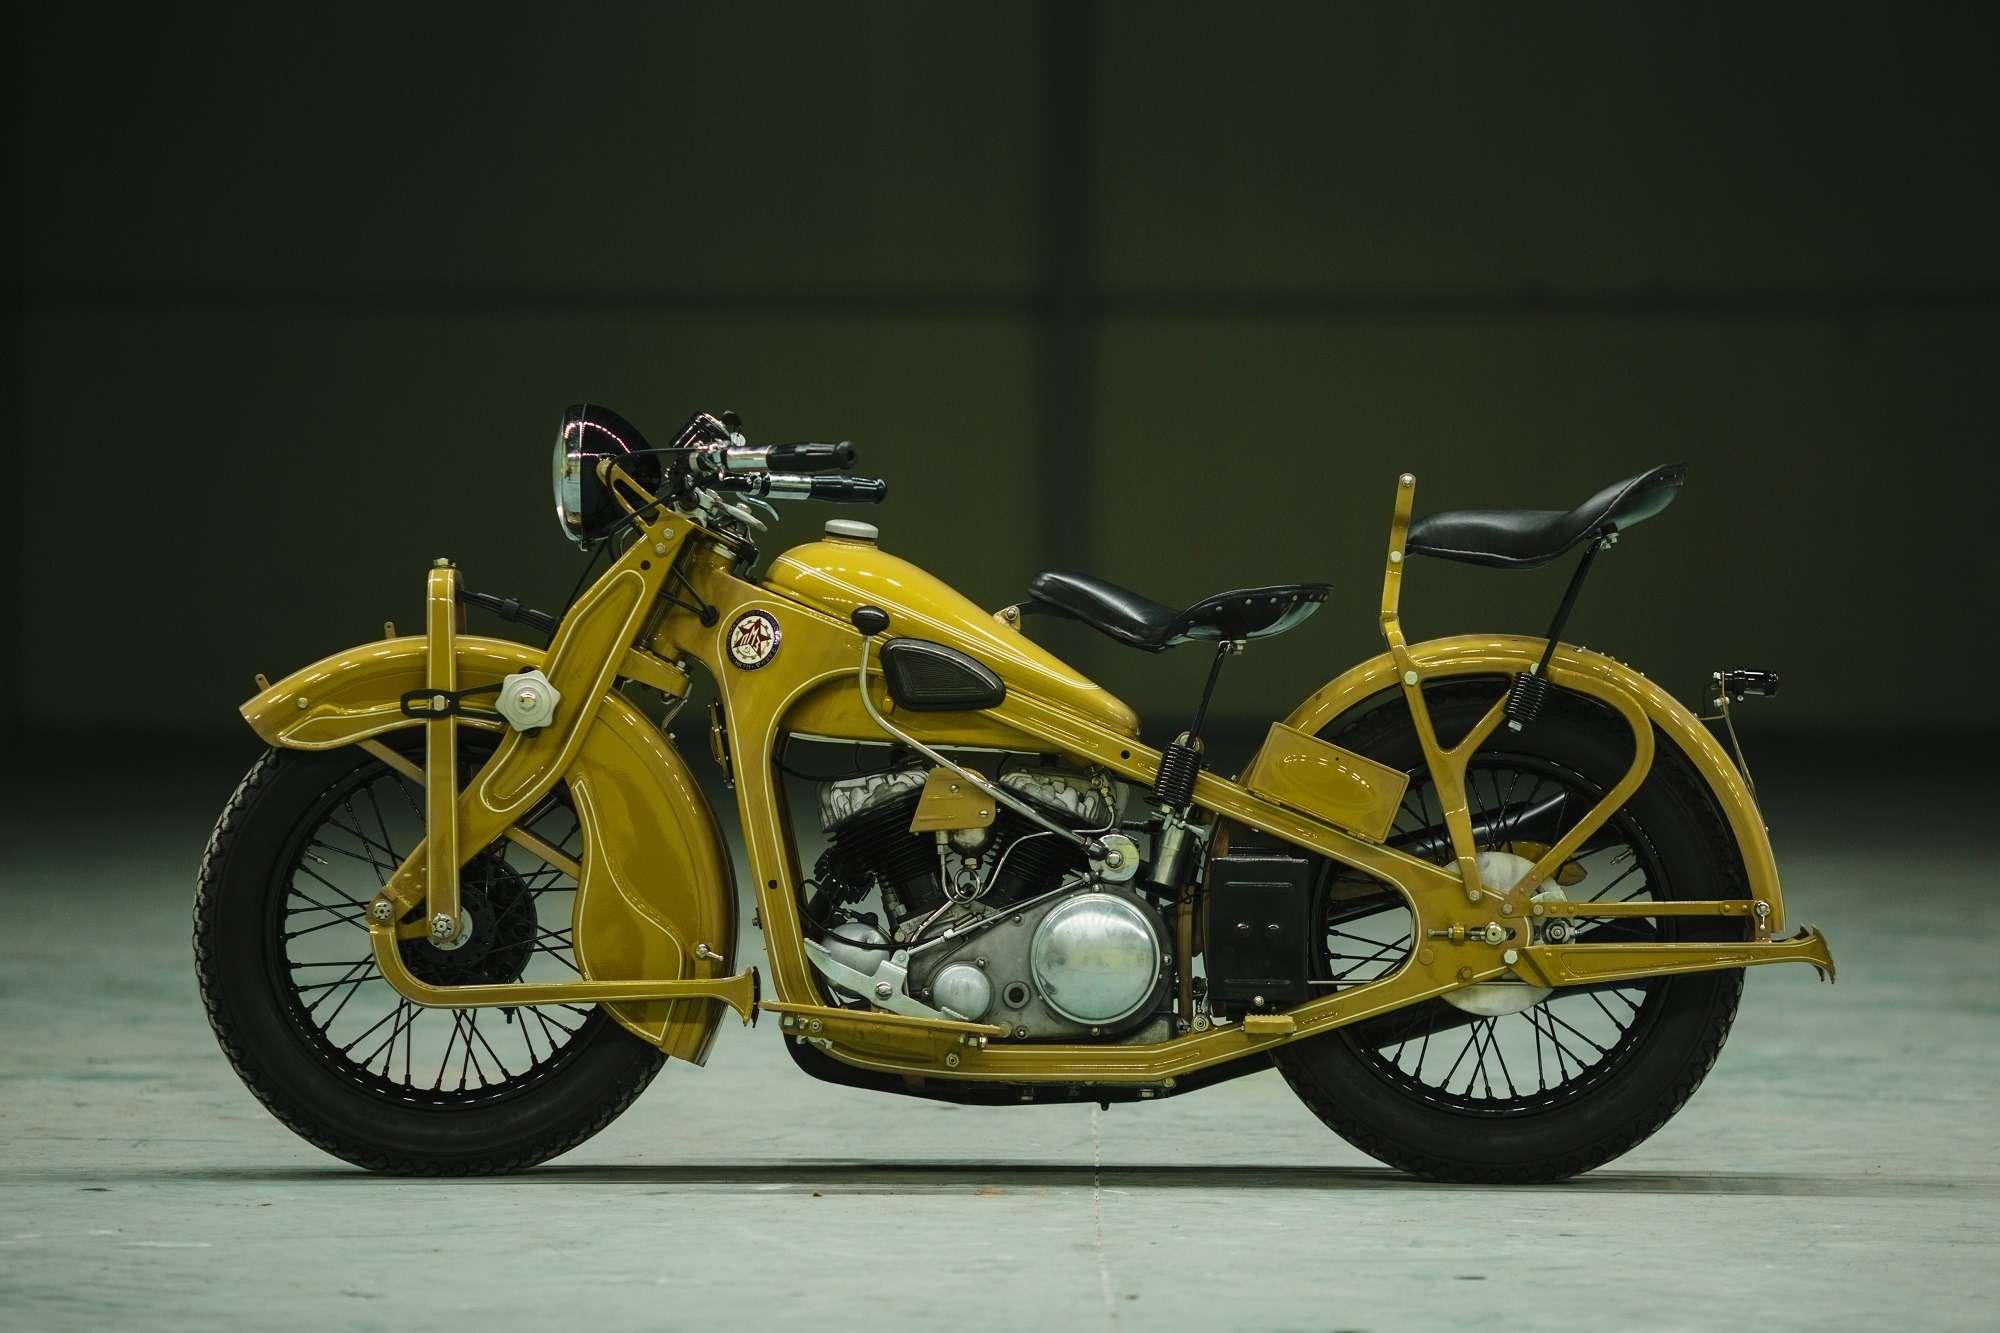 Тяжелый мотоцикл ПМЗ А-750: как Harley-Davidson оказался входовой BMW— фото 927414